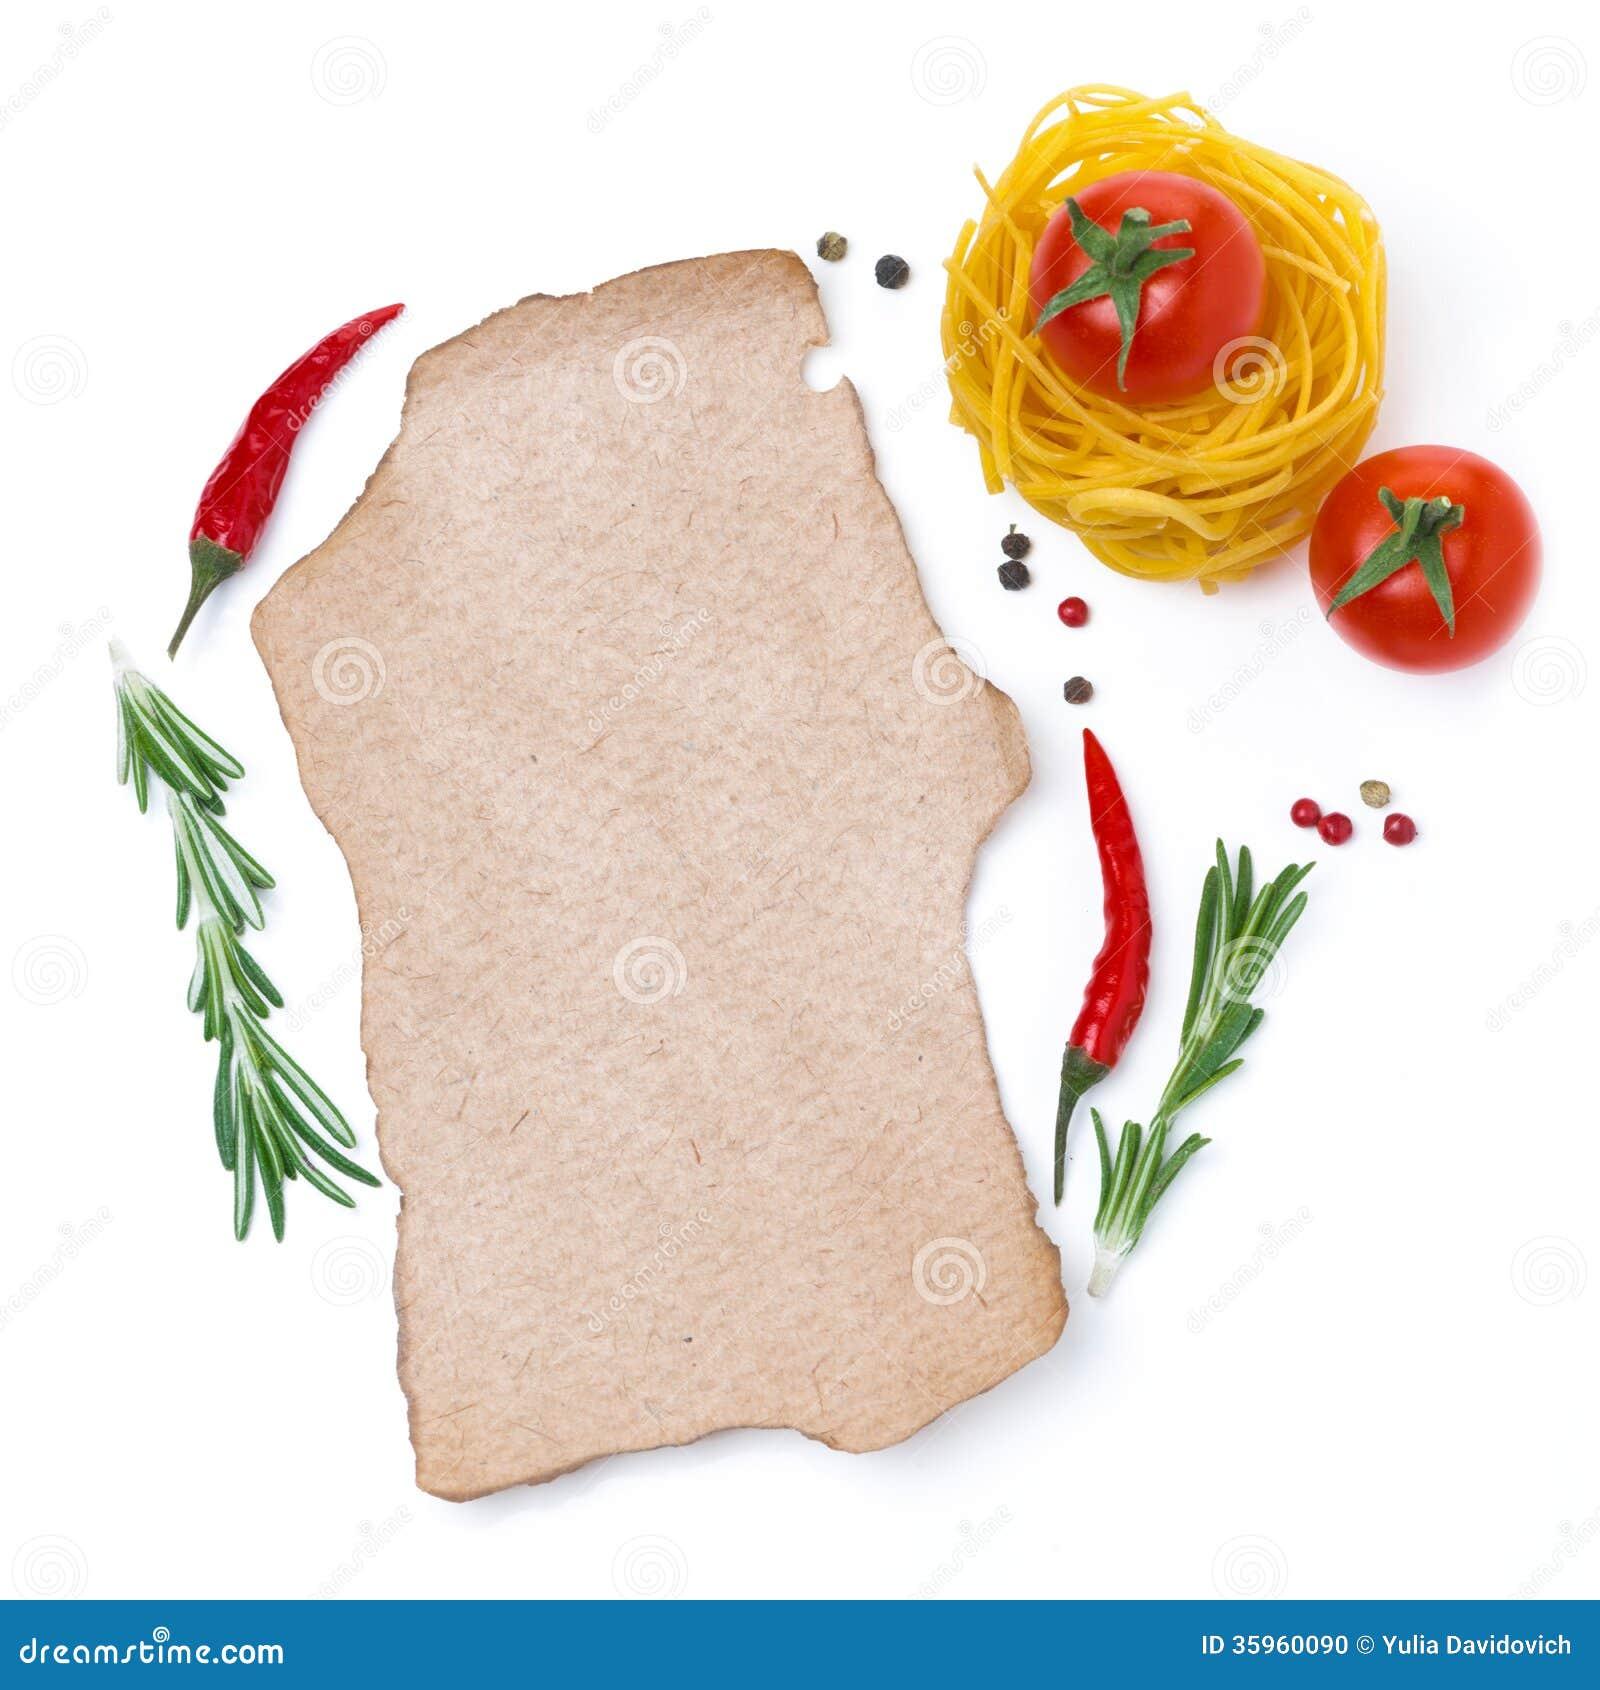 Pastas, tomates, especias y un trozo de papel para escribir la receta